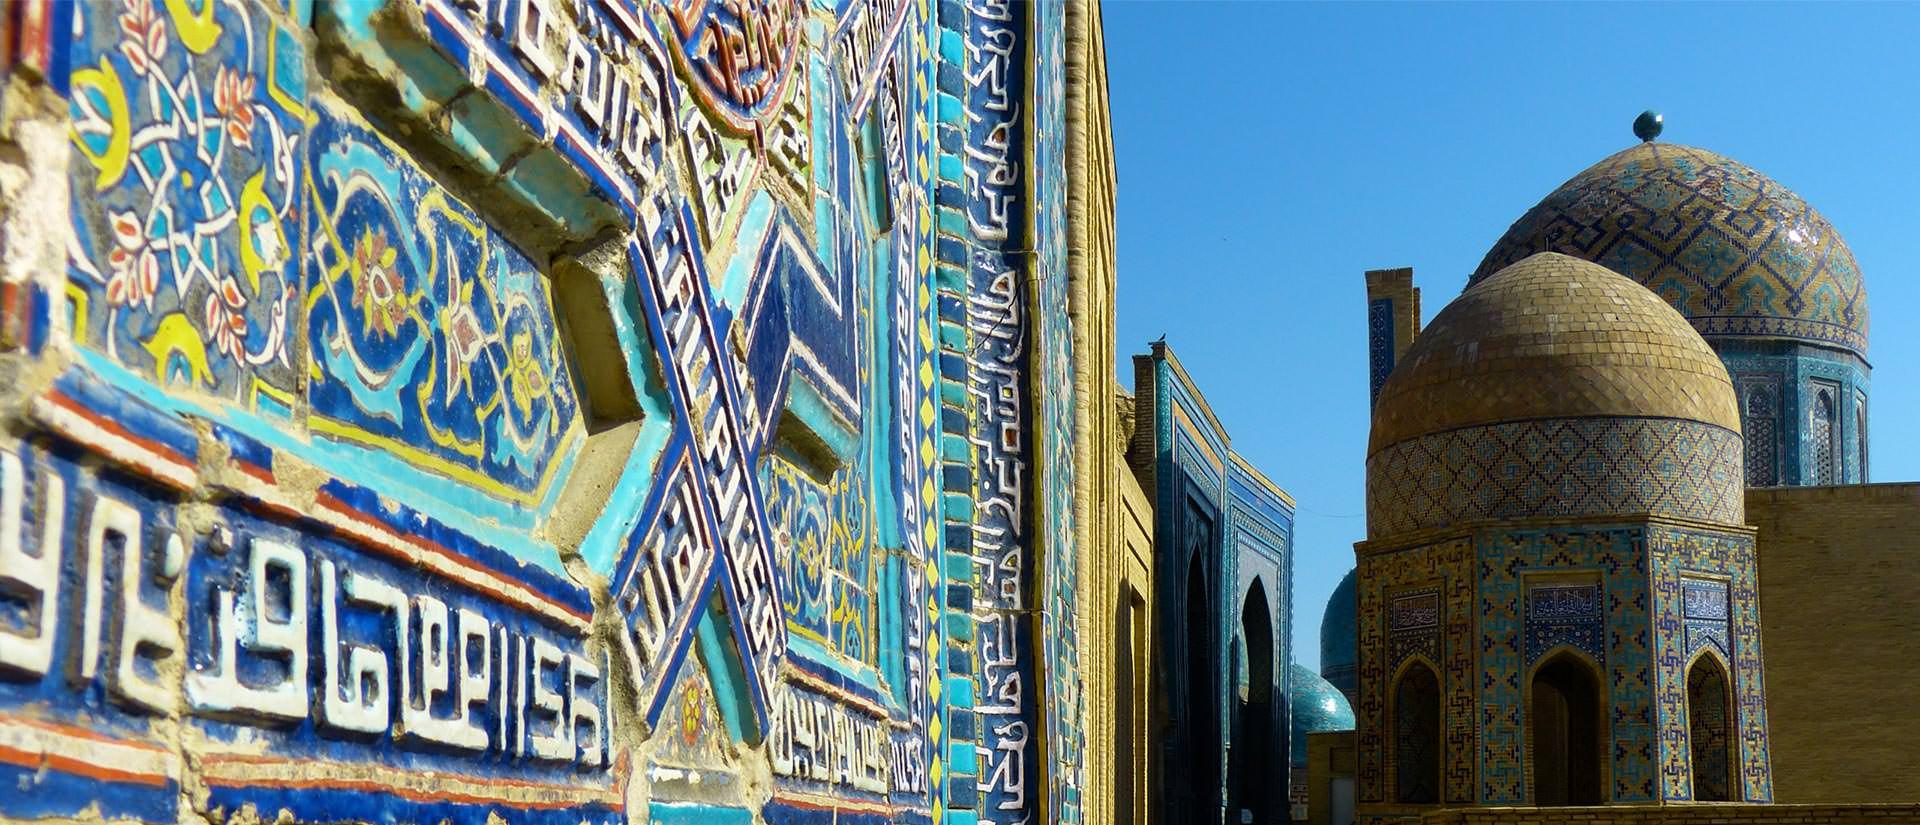 טיולים מאורגנים לאוזבקיסטן